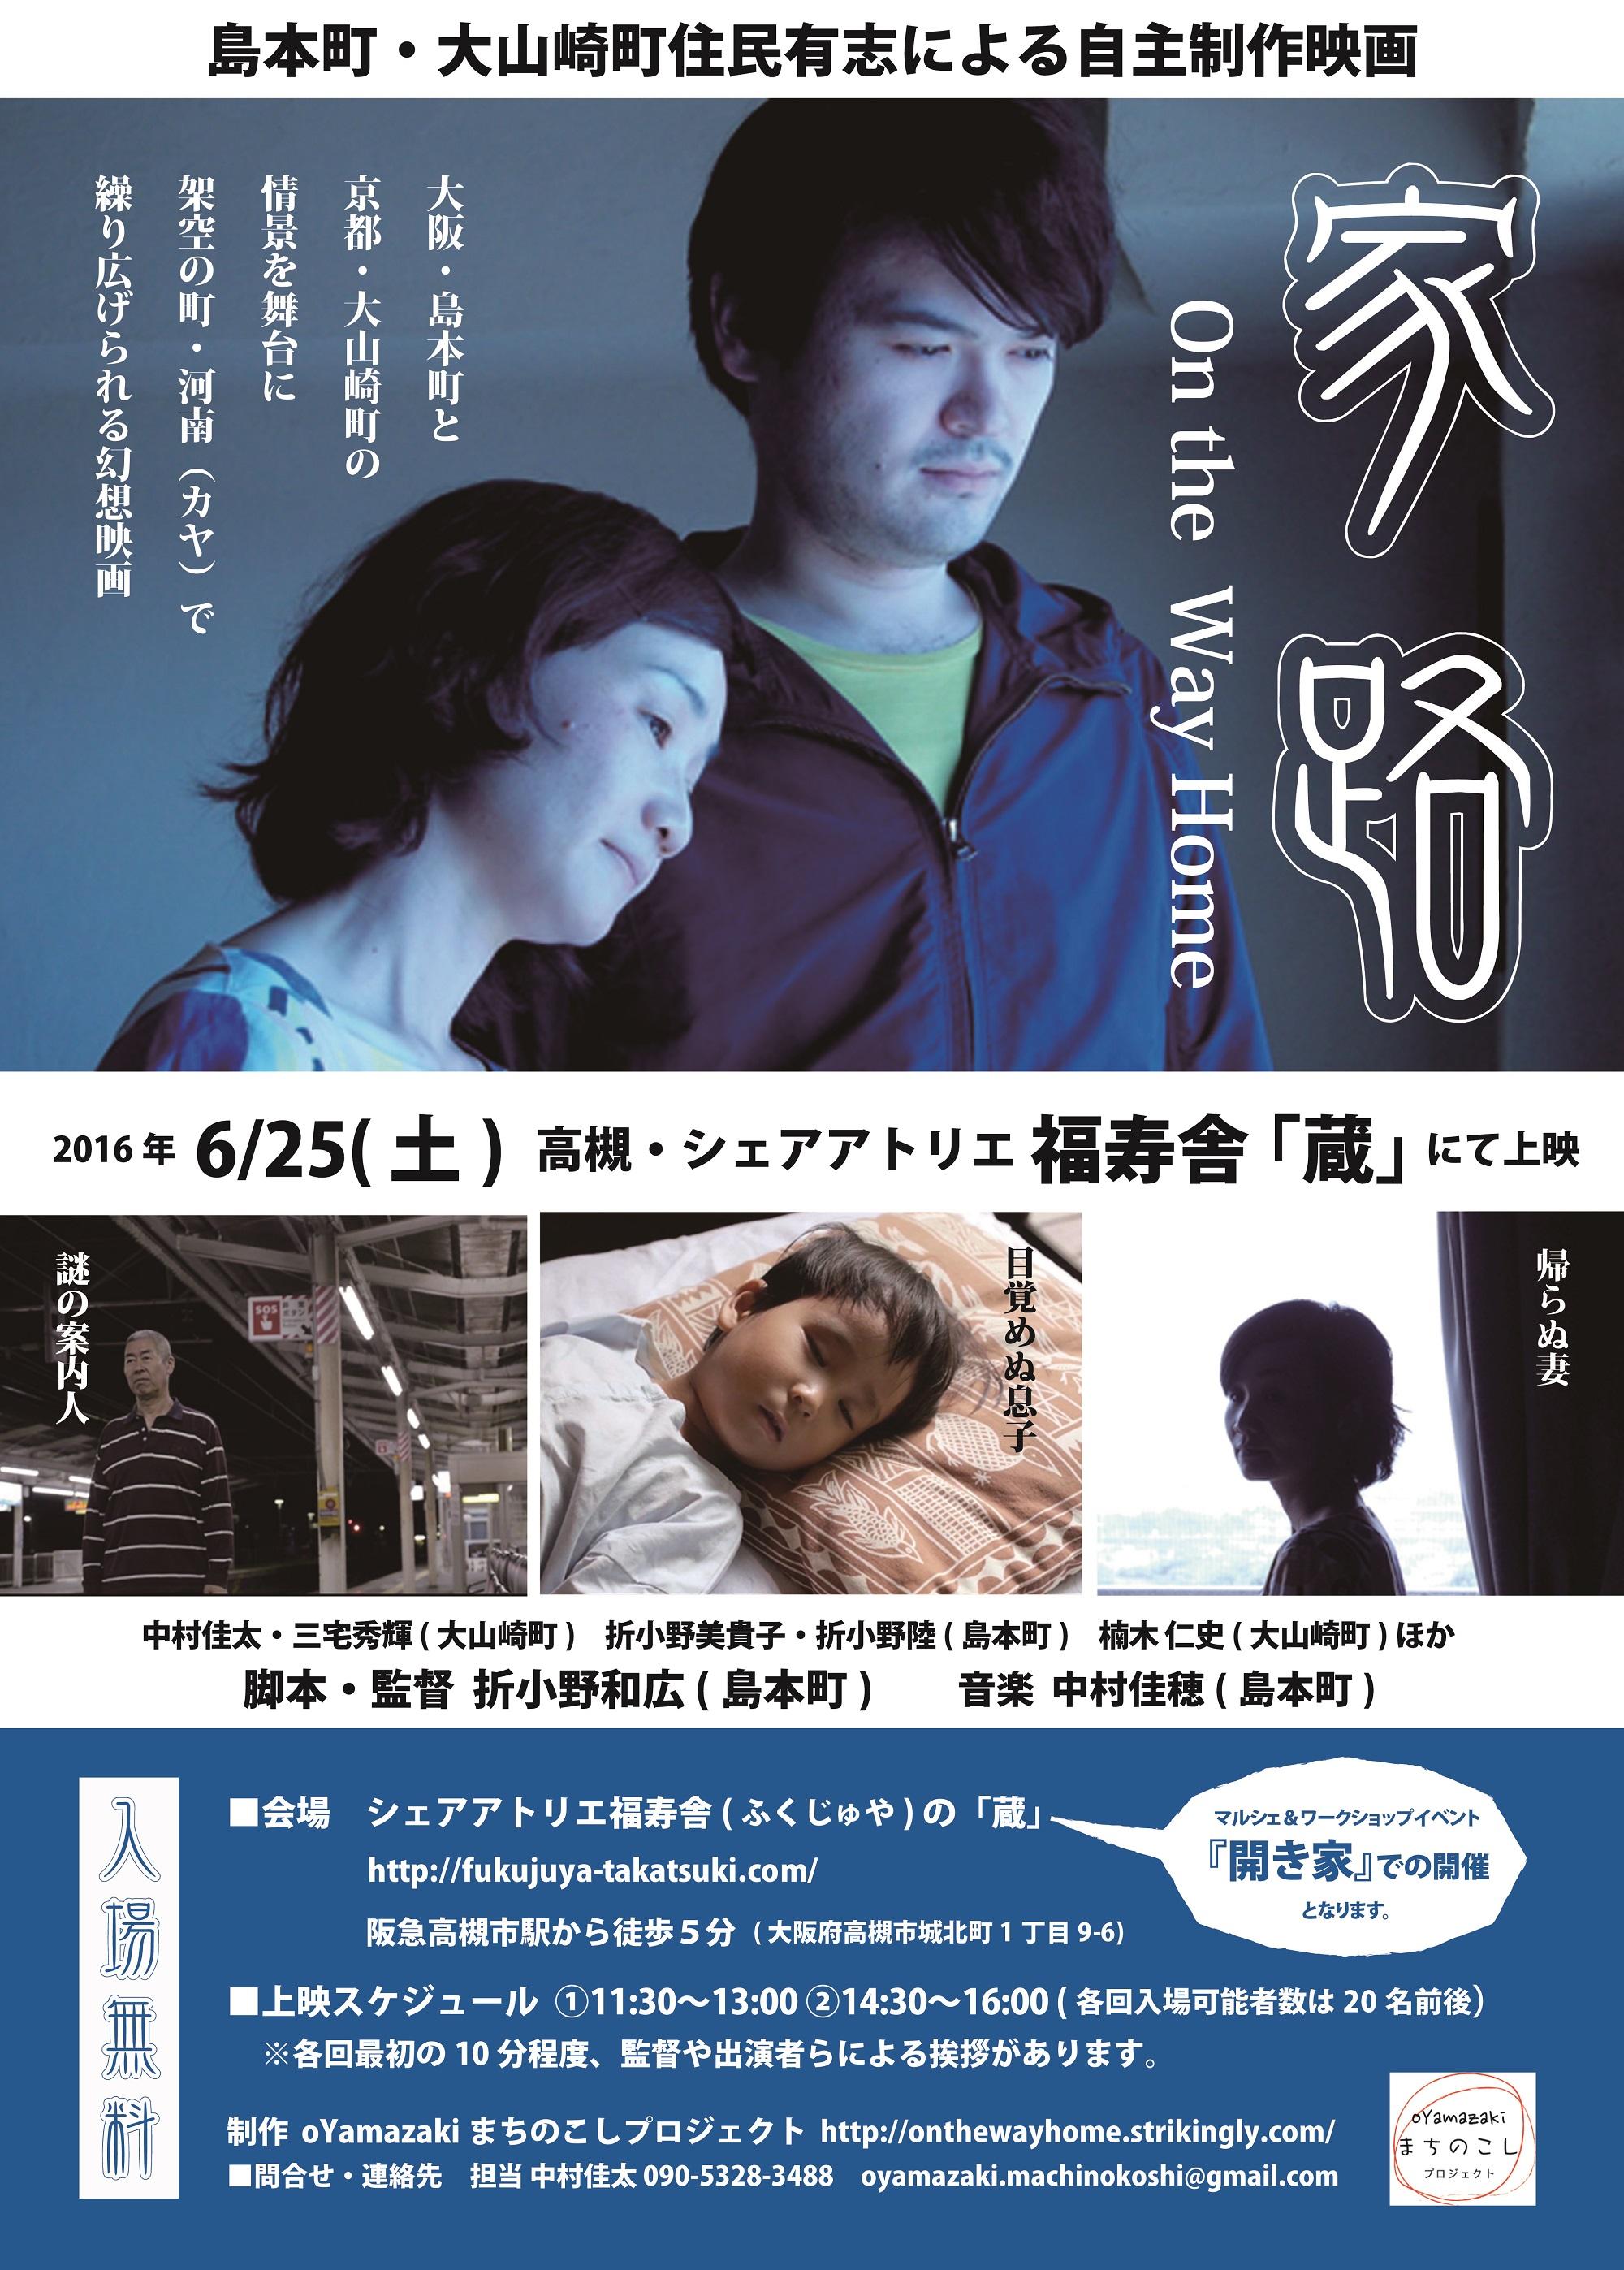 takatsuki20160525_ieji_poster